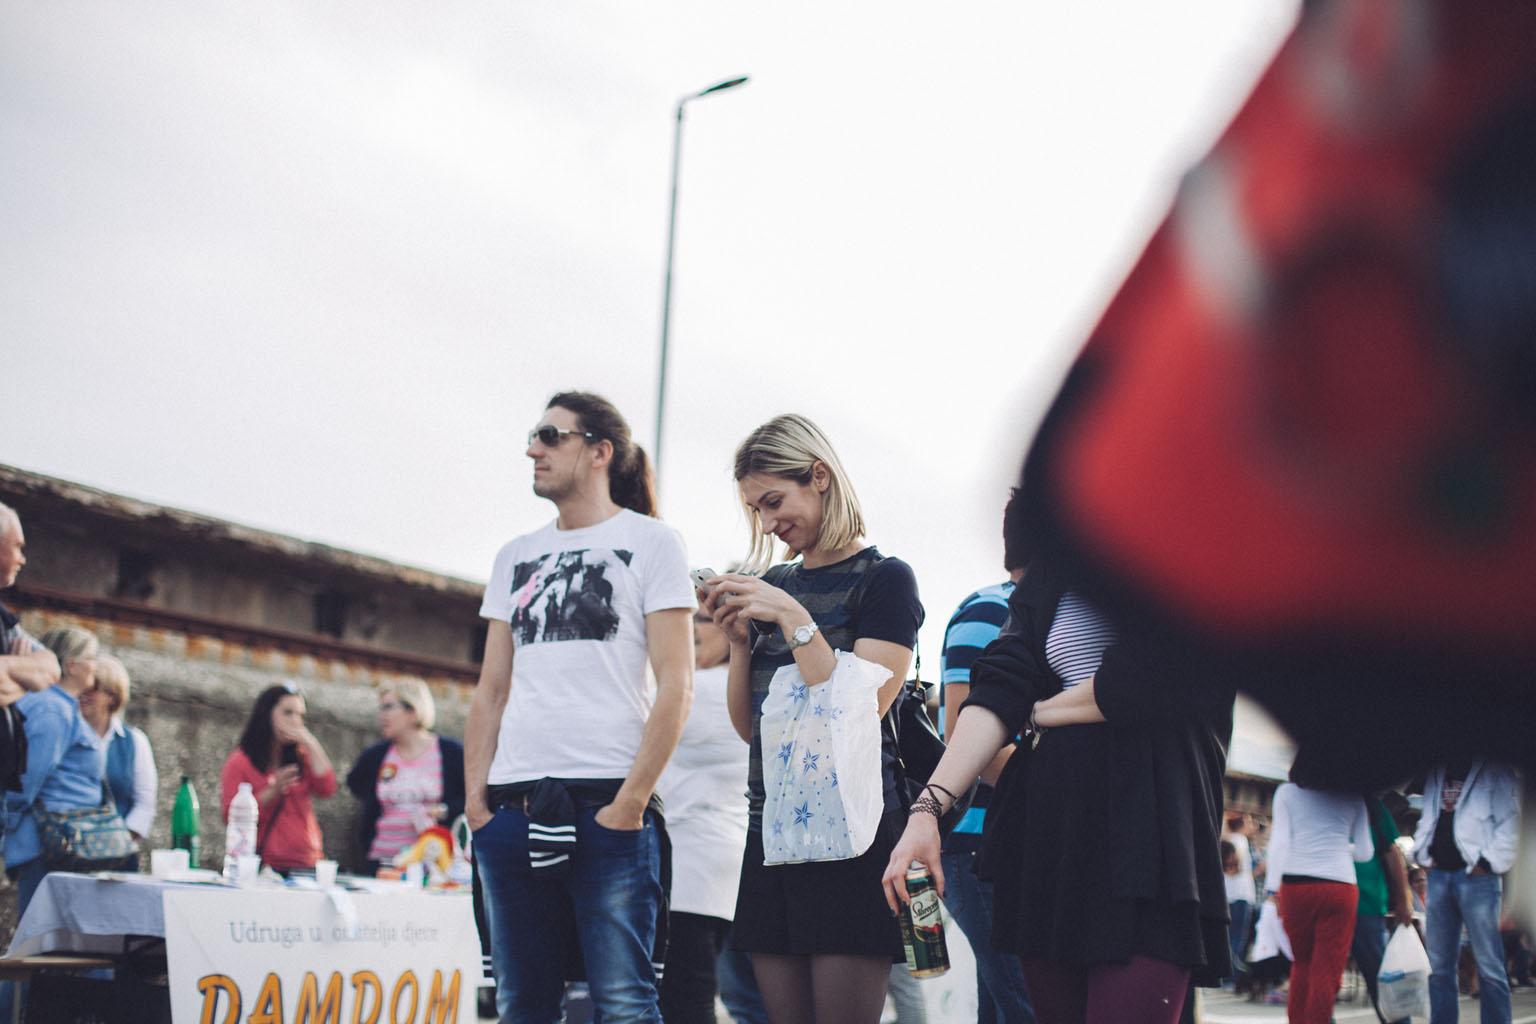 Gledaj (u)druge_Festival (141)